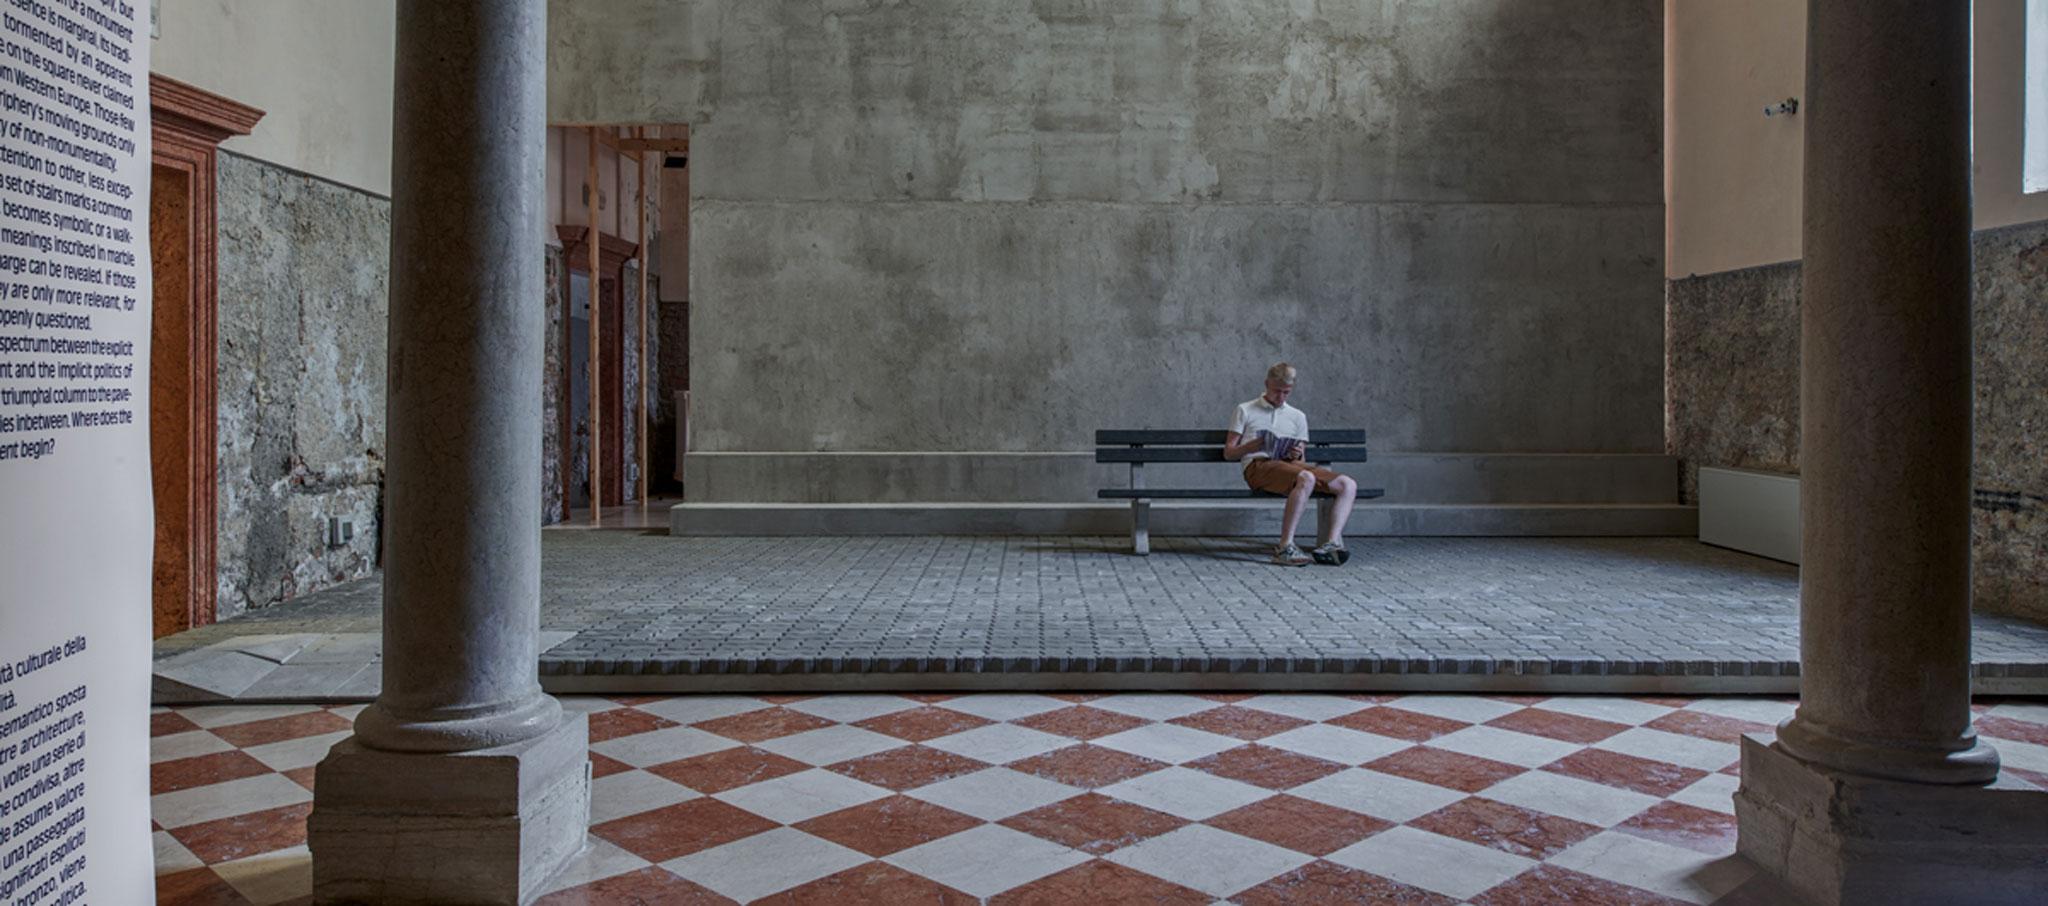 Entrada. Weak Monument. Pabellón de Estonia para la XVI Bienal de Arquitectura de Venecia 2018. Fotografía por Tõnu Tunnel